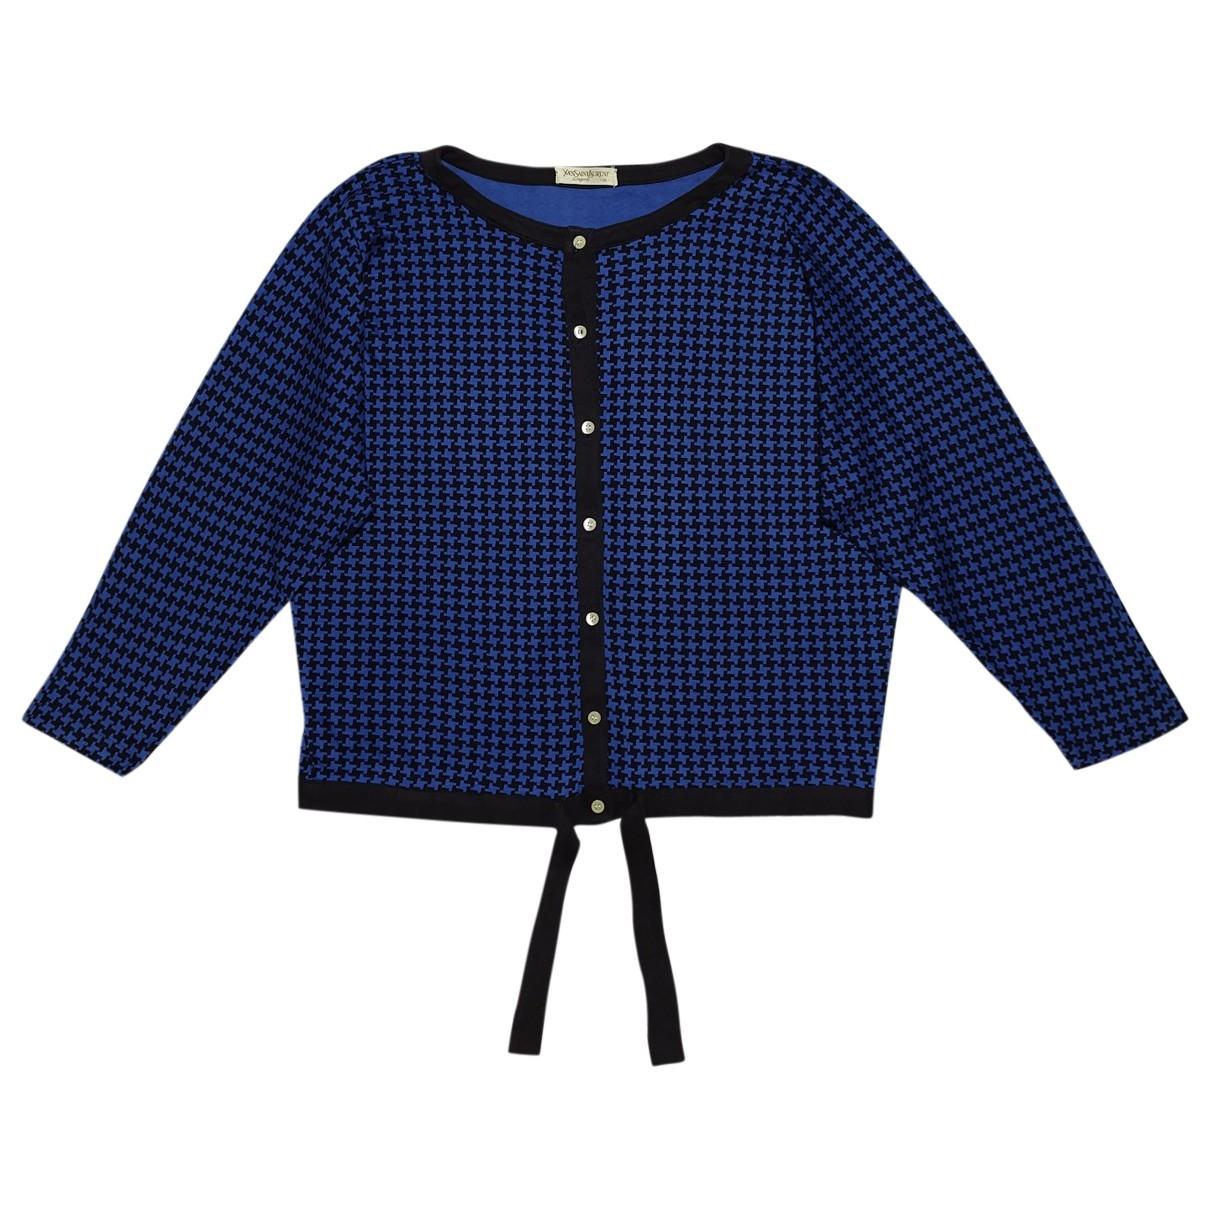 Yves Saint Laurent - Top   pour femme en coton - bleu